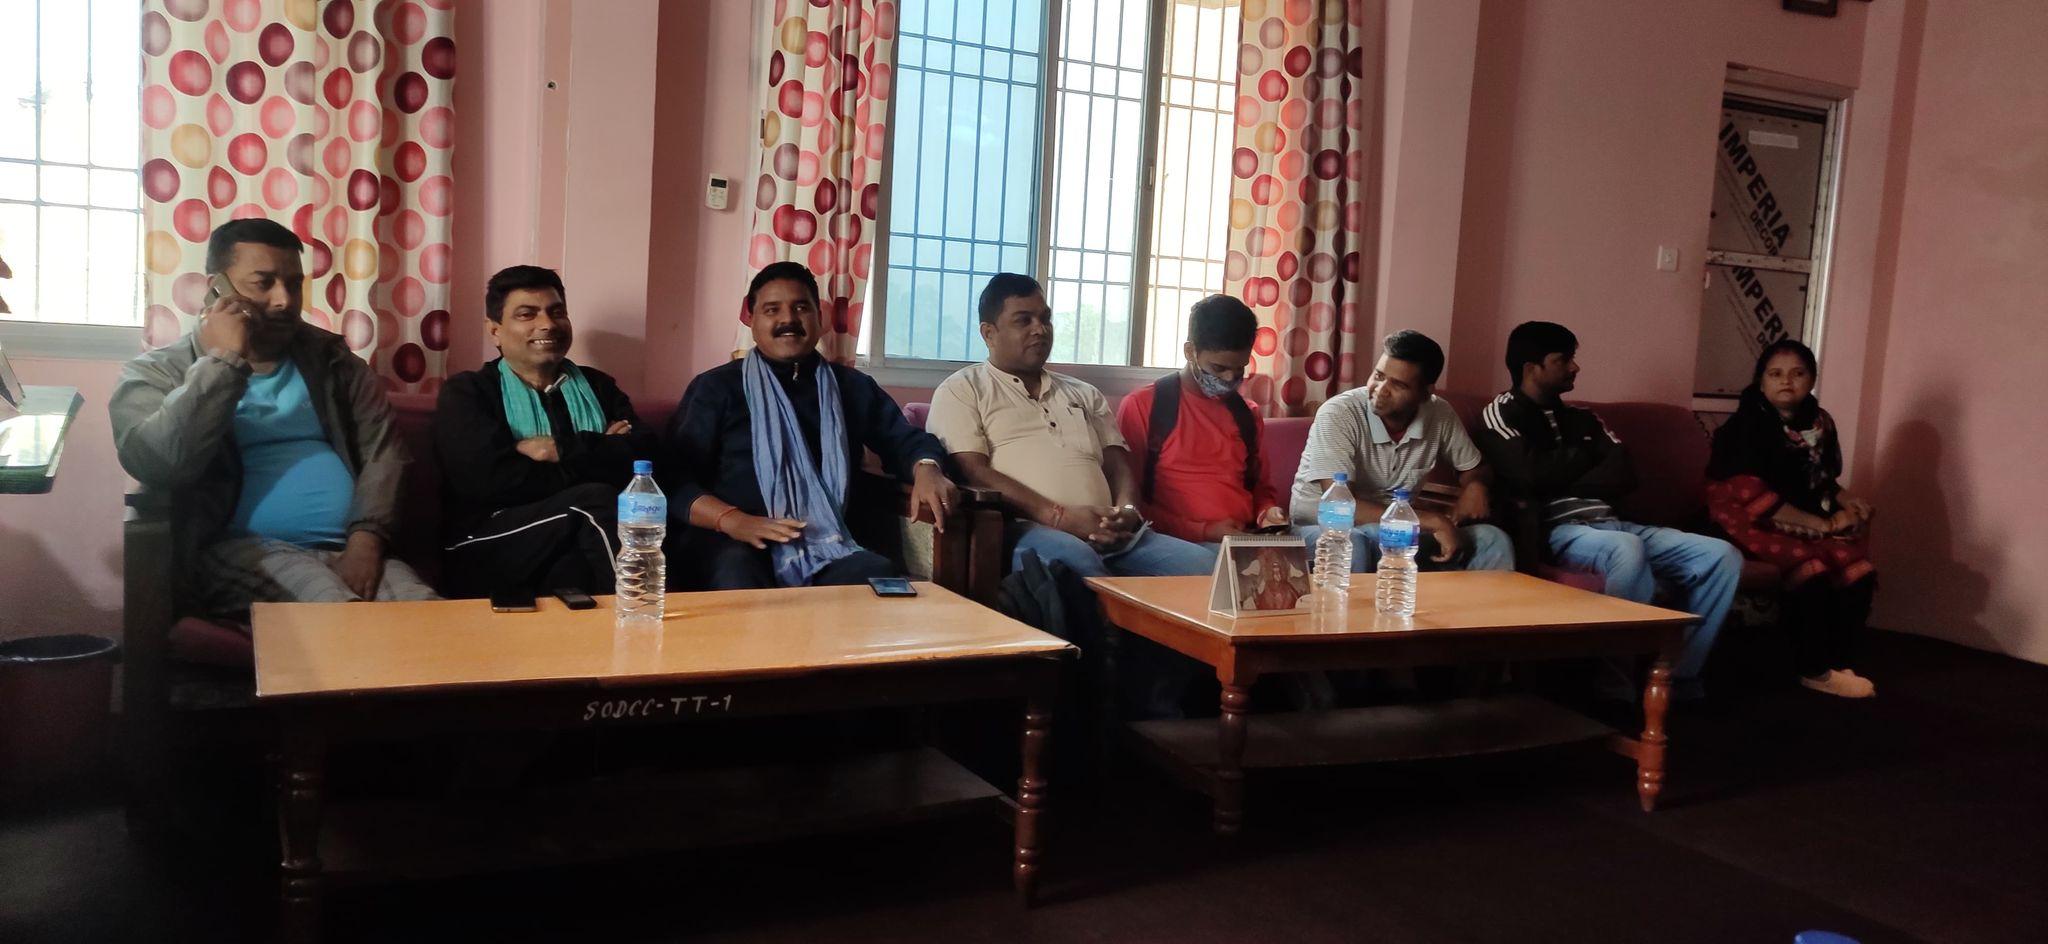 शिक्षामा युवाहरुको भुमिका बिषयक अन्र्तक्रिया कार्यक्रम सम्पन्न